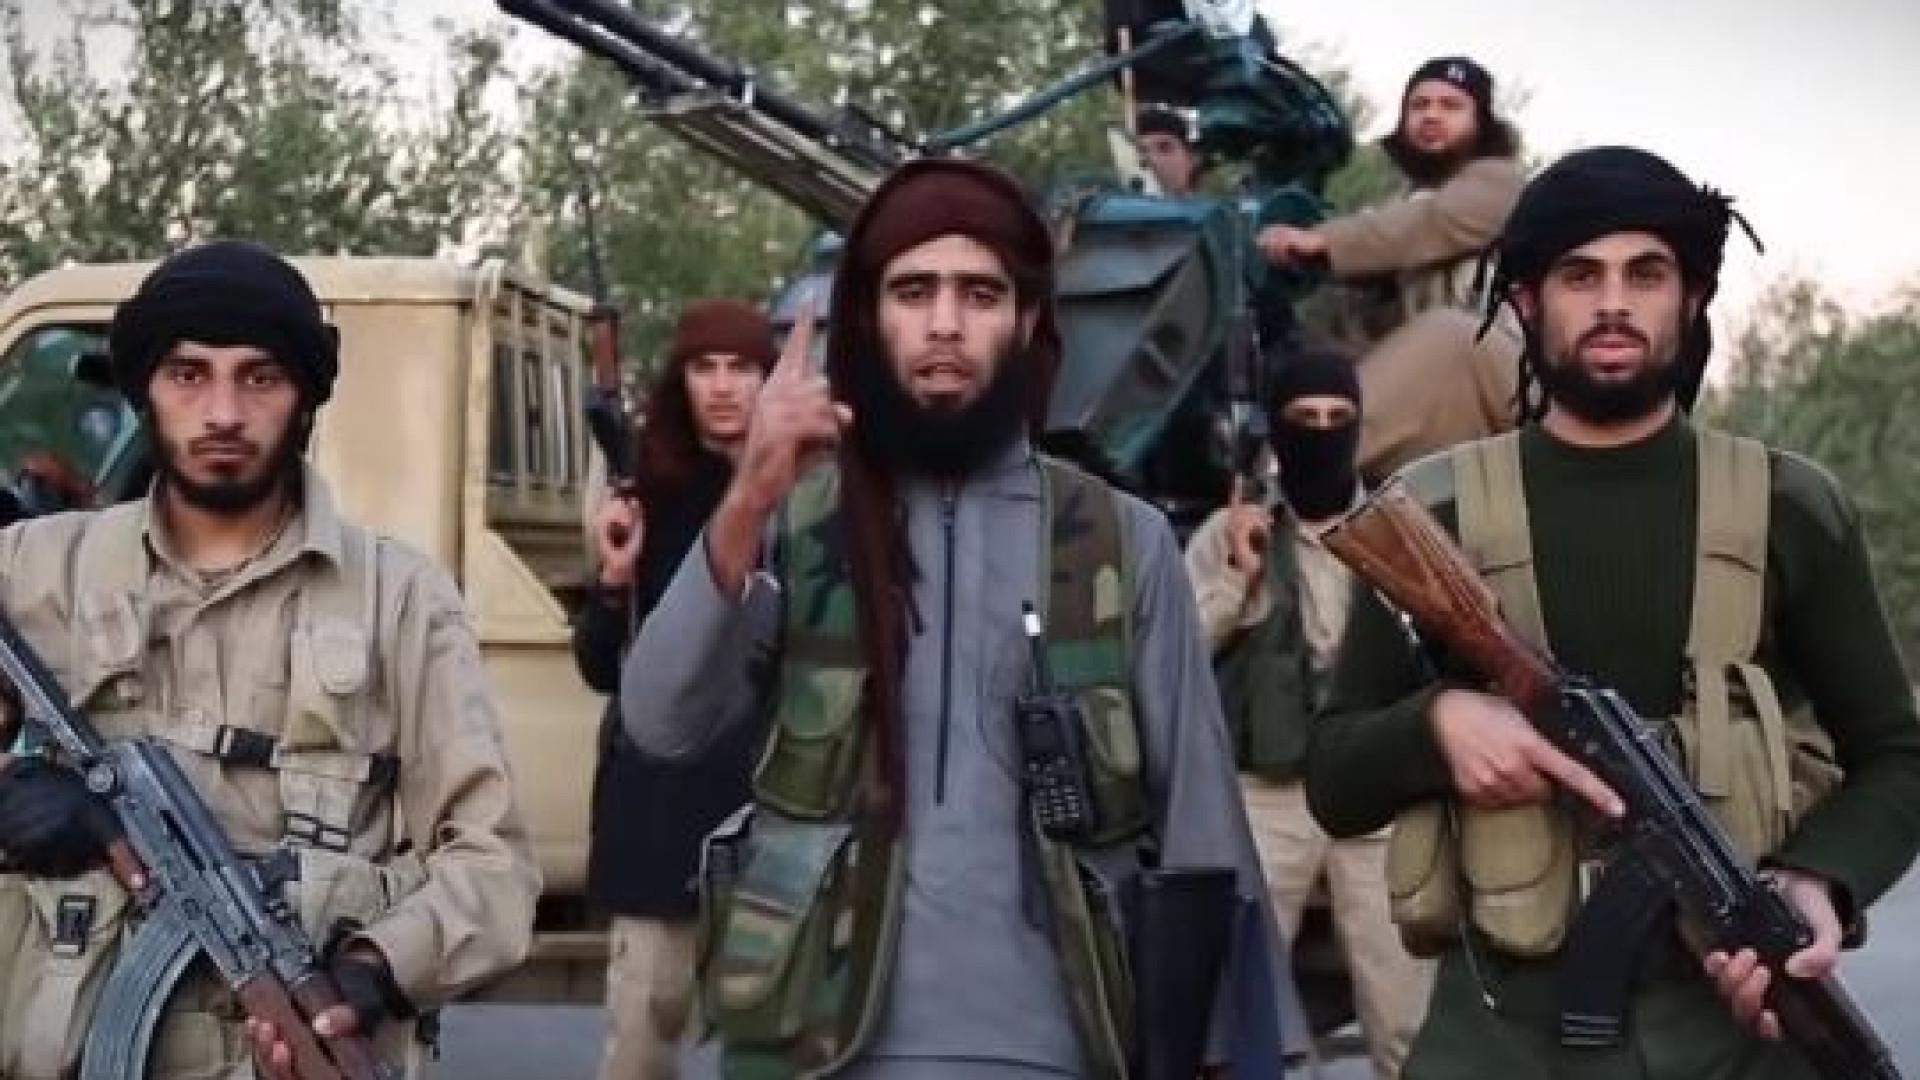 Estado Islâmico reivindica autoria dos atentados de Bruxelas